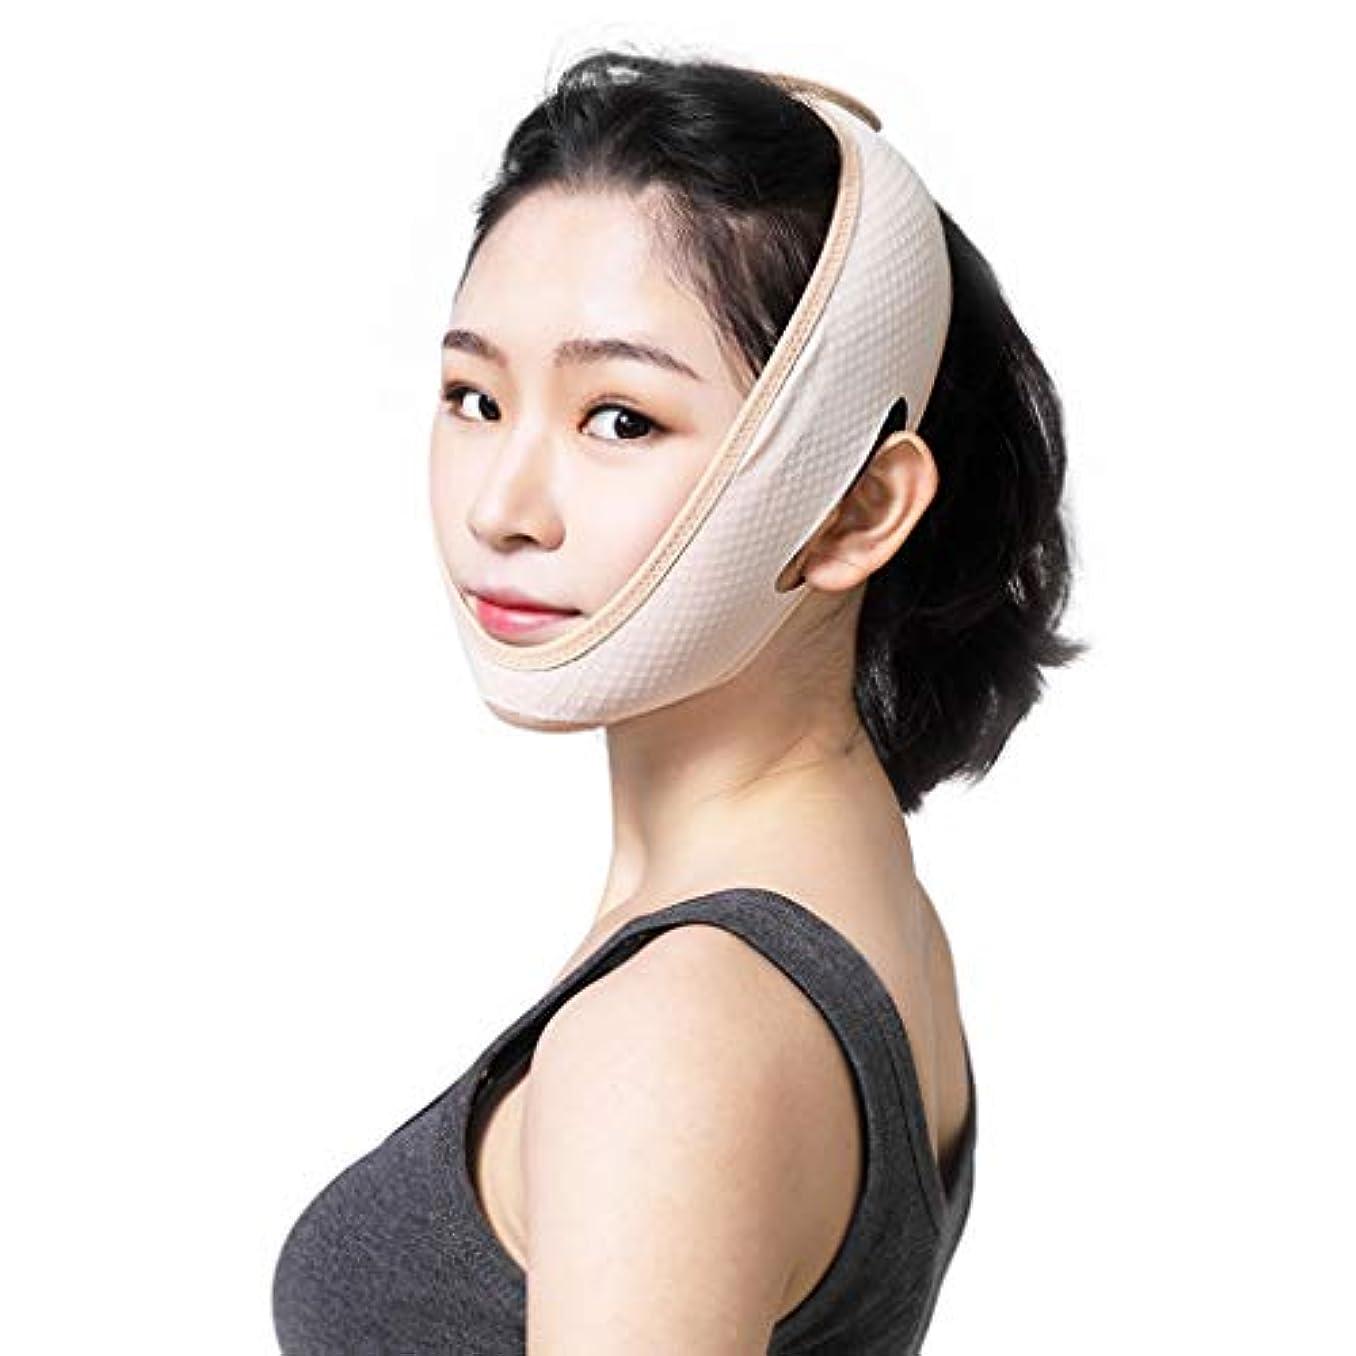 スマイル規則性純粋に顔の減量顔 V 顔の薄い二重あごリフト引き締め顔面包帯睡眠マスクマッサージ通気性